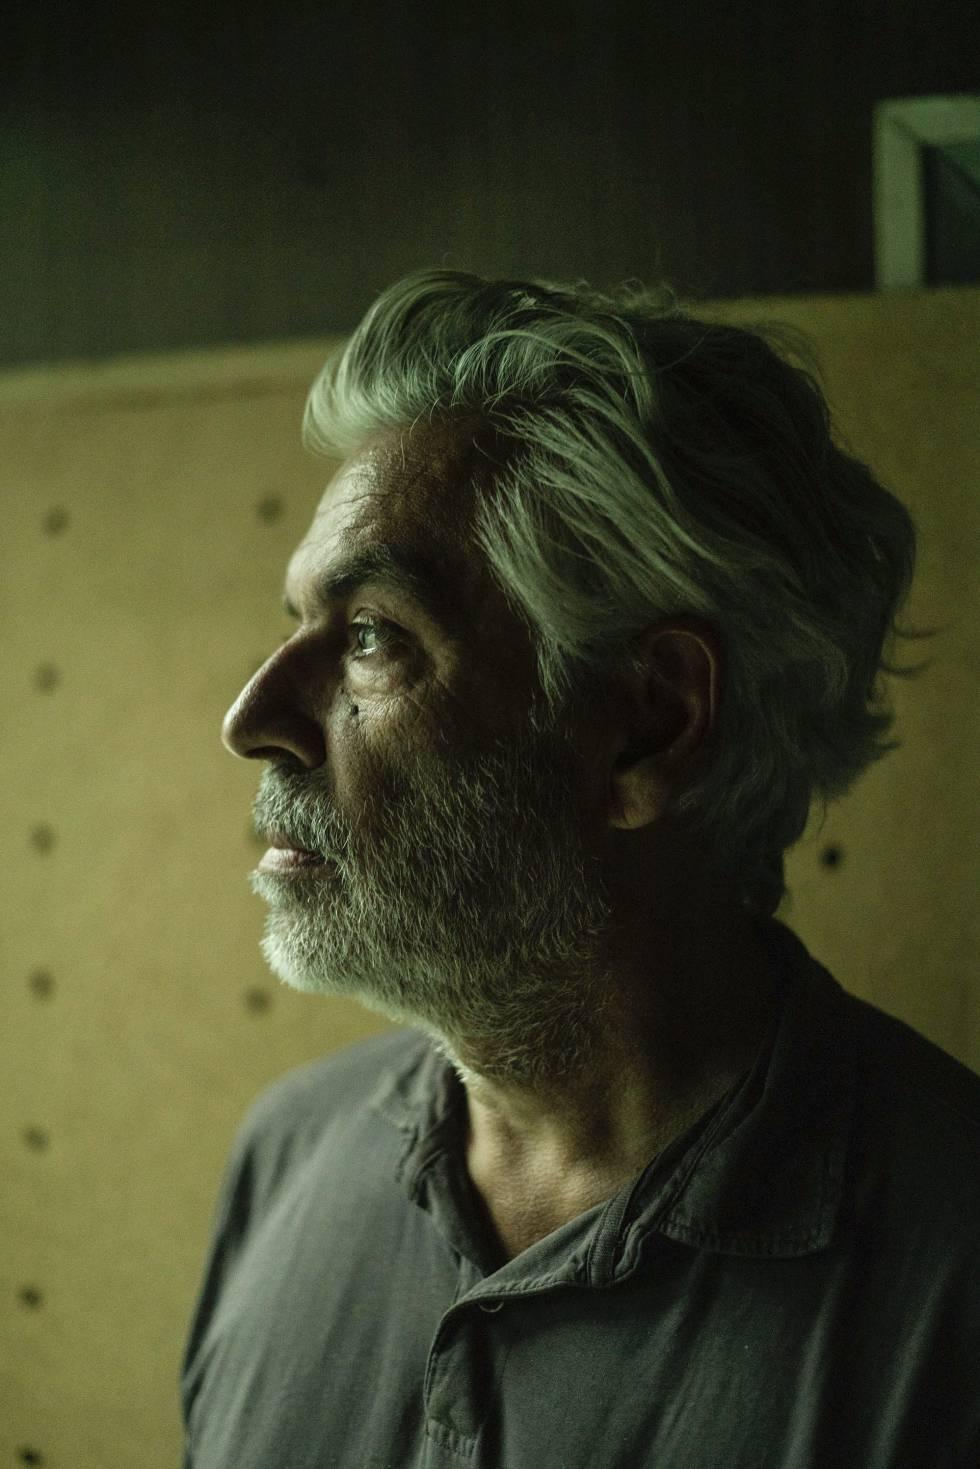 The film director Pedro Costa.